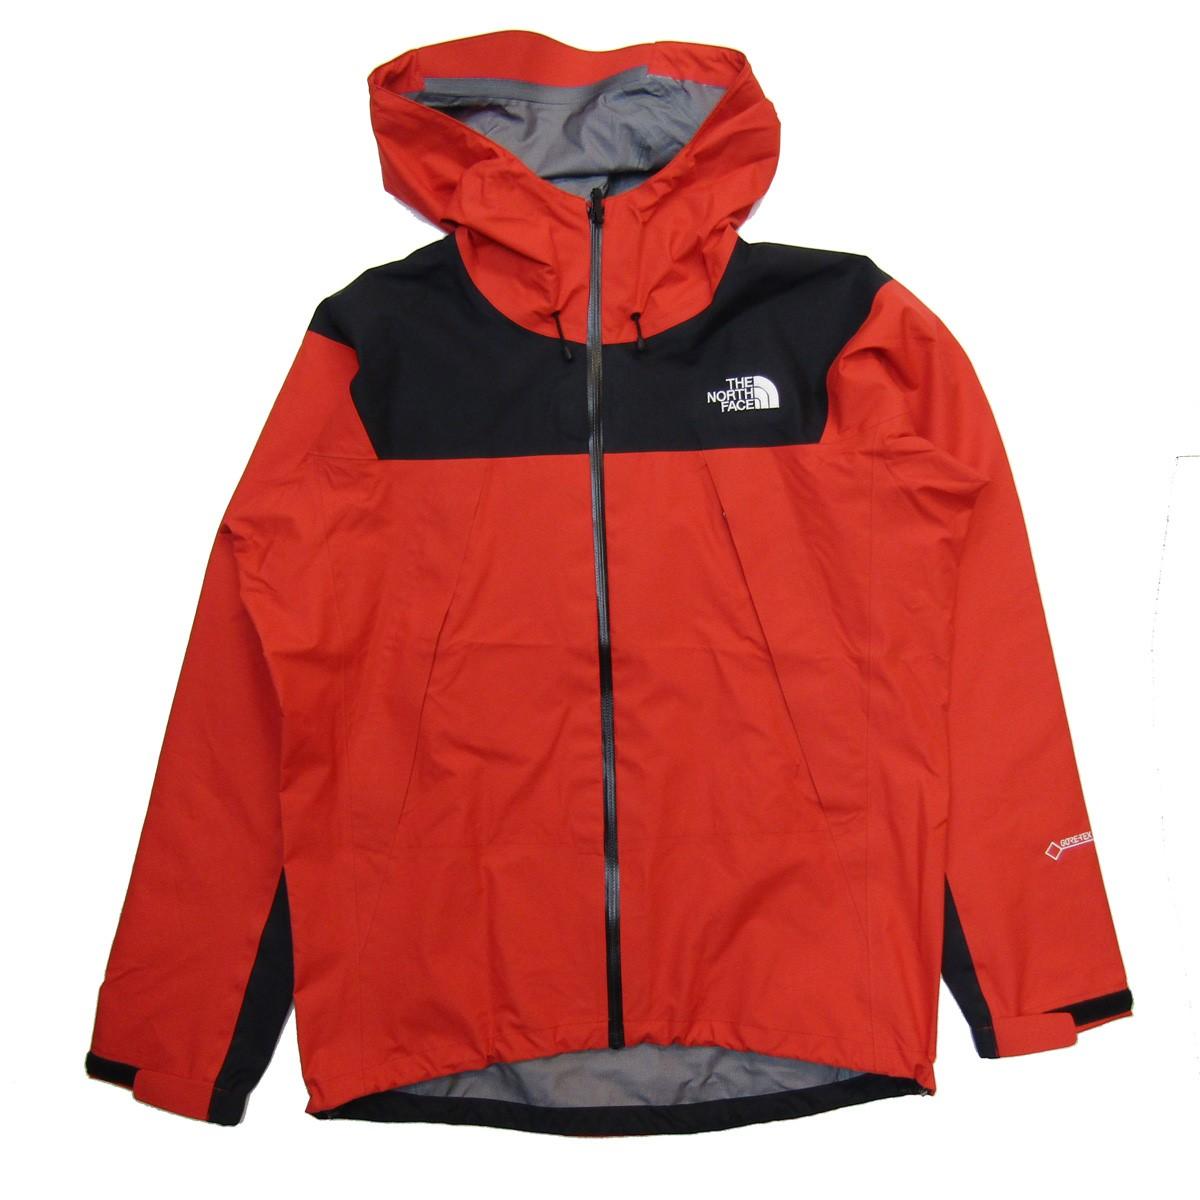 【中古】THE NORTH FACE Climb Light Jacket ナイロンジャケット レッド サイズ:S 【050320】(ザノースフェイス)